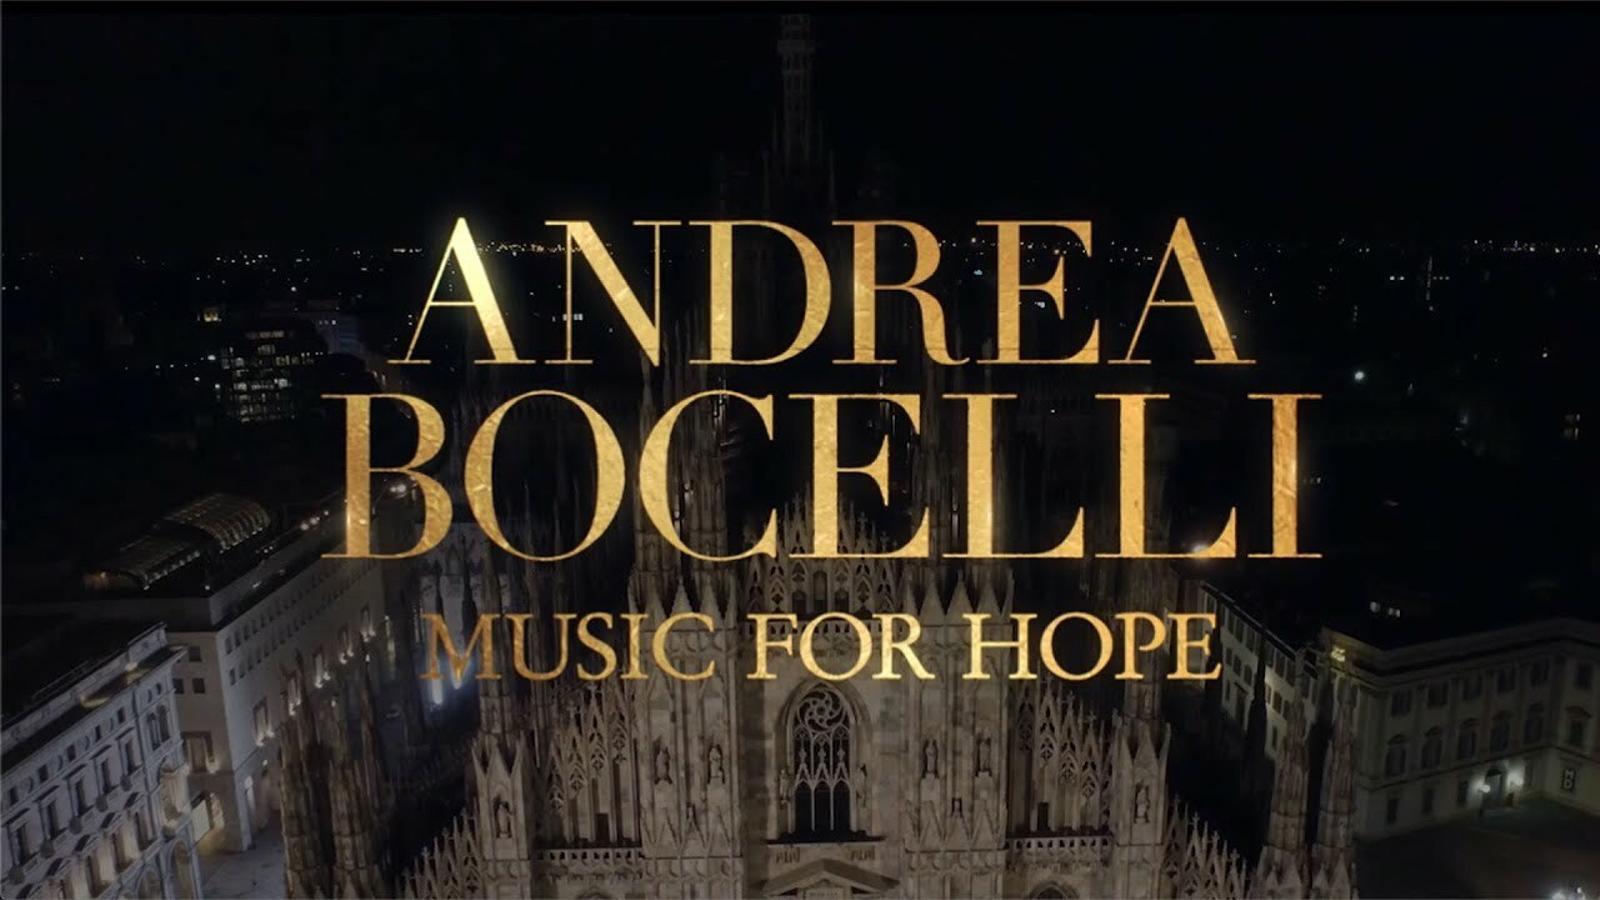 Andrea Bocelli, 'Music for hope', 'teaser'